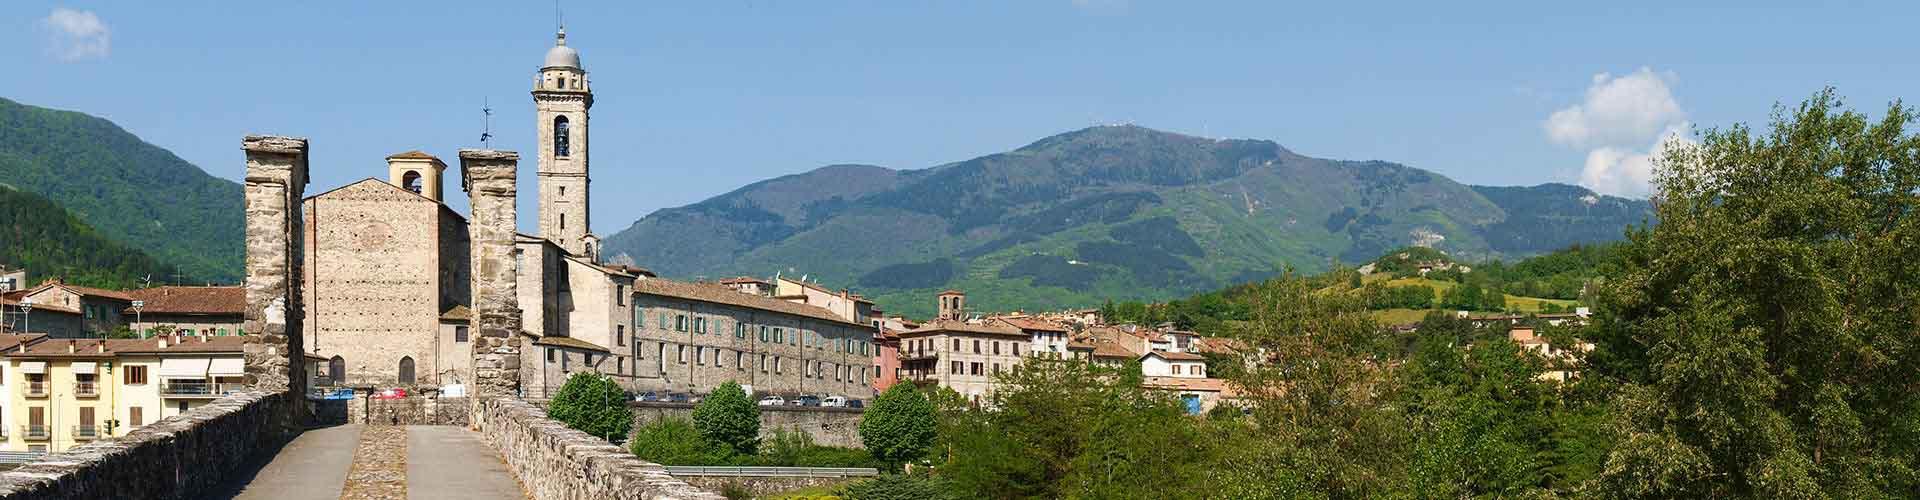 Piacenza - Chambres à Piacenza. Cartes pour Piacenza, photos et commentaires pour chaque chambre à Piacenza.